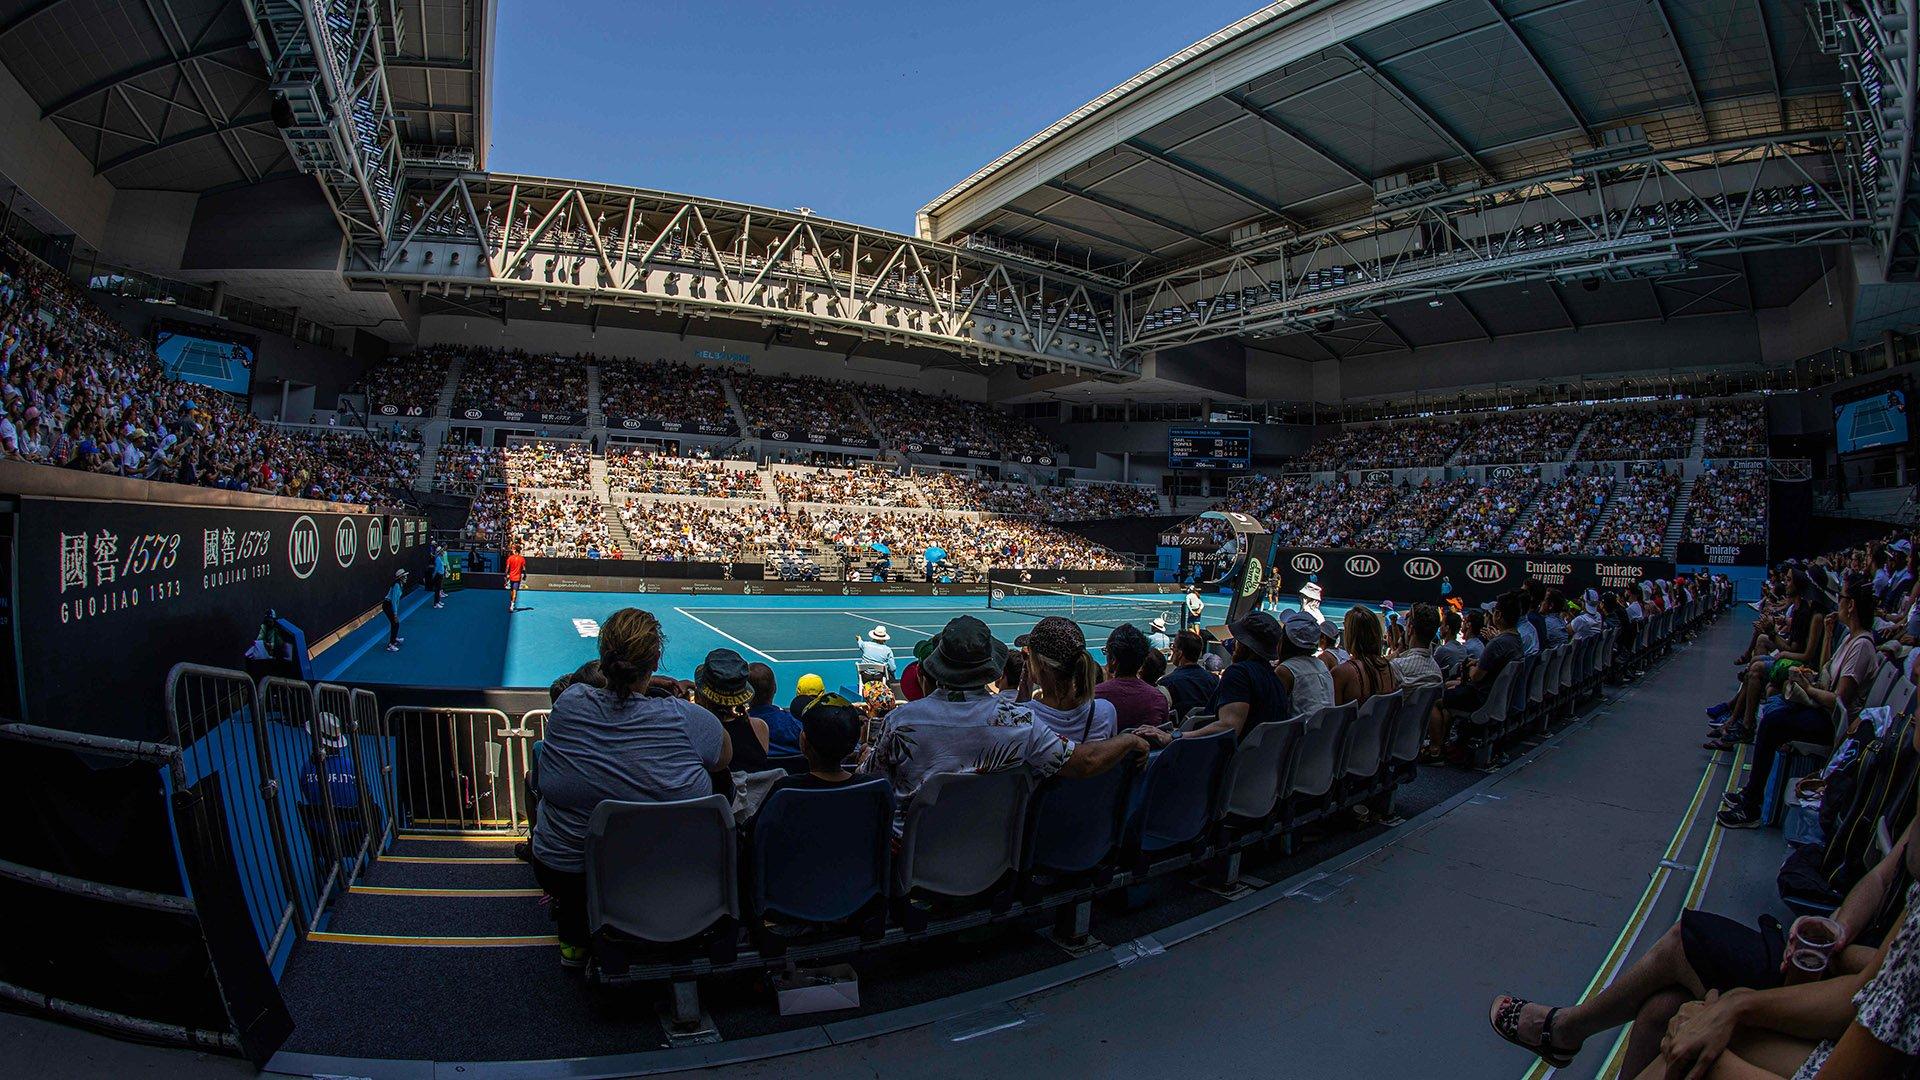 Australian Open 2020 video Highlights